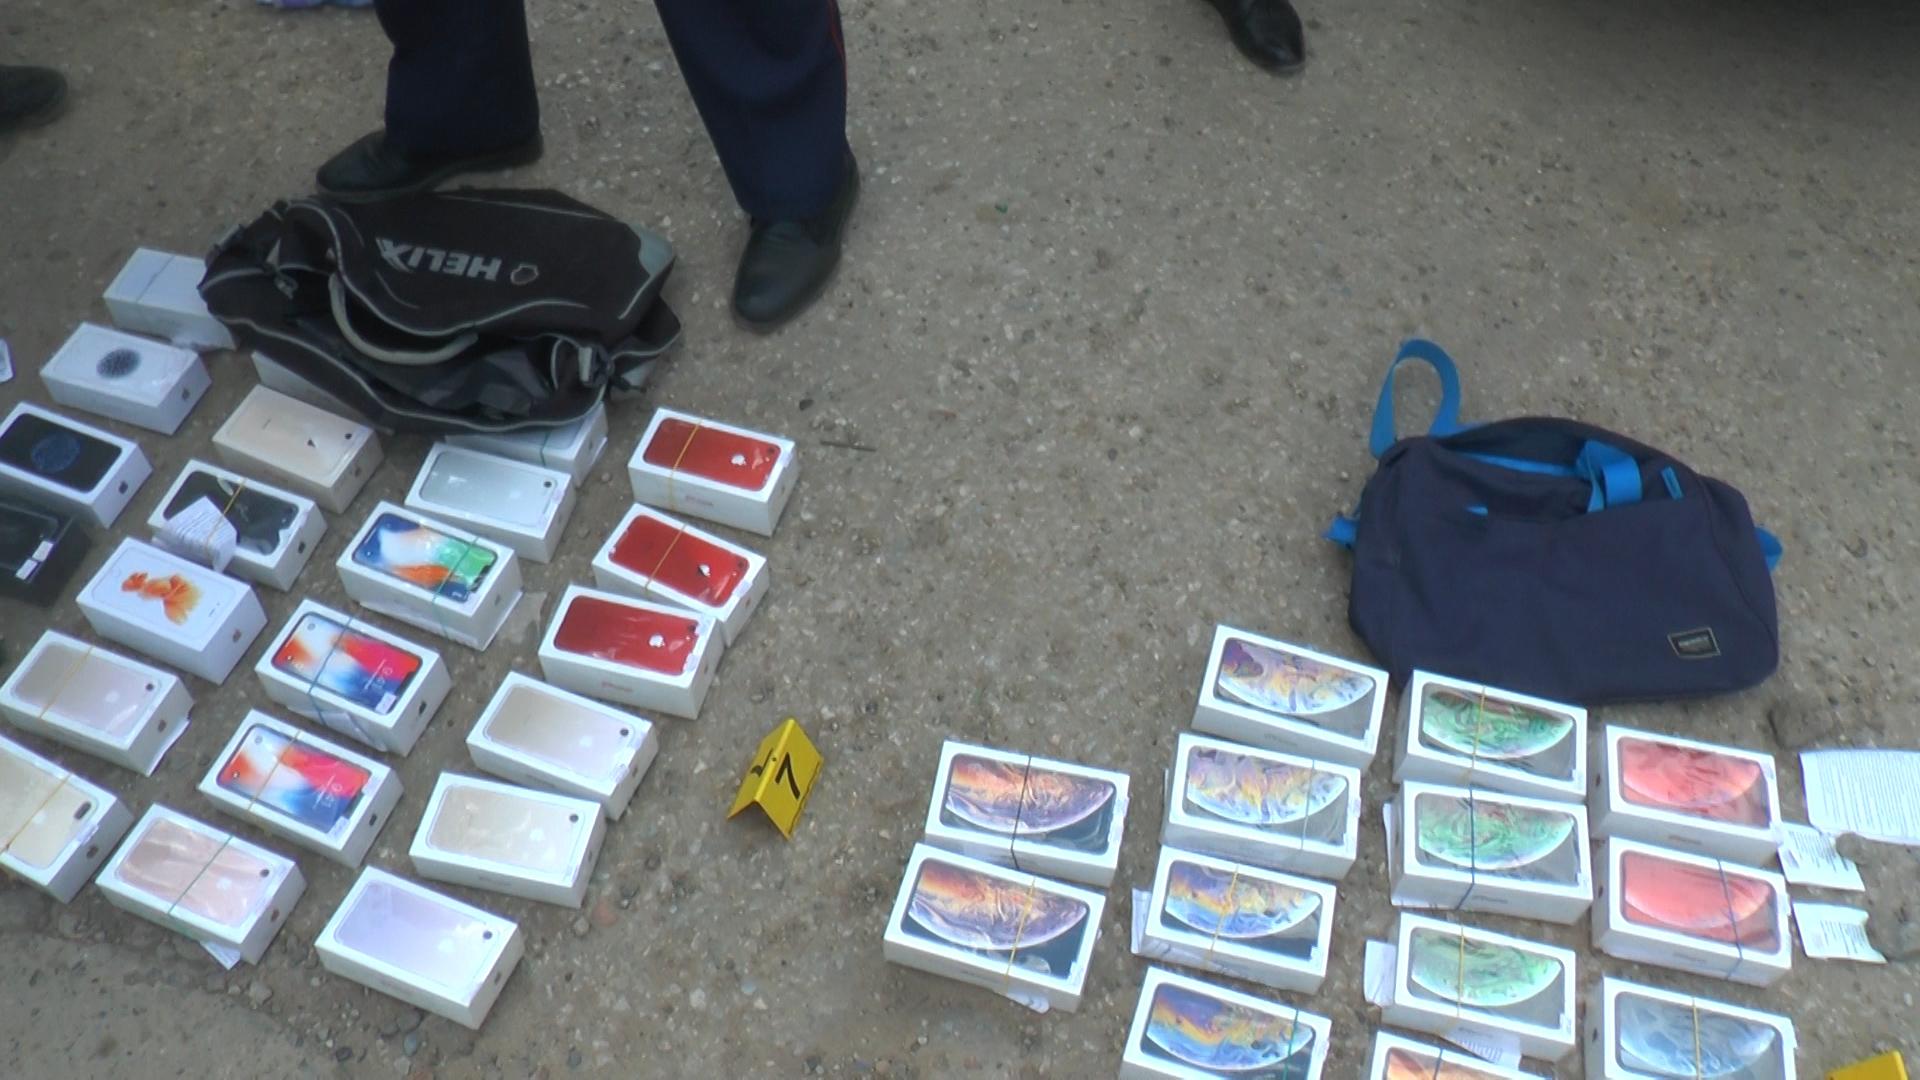 Грабители унесли из магазина в Актобе 43 айфона